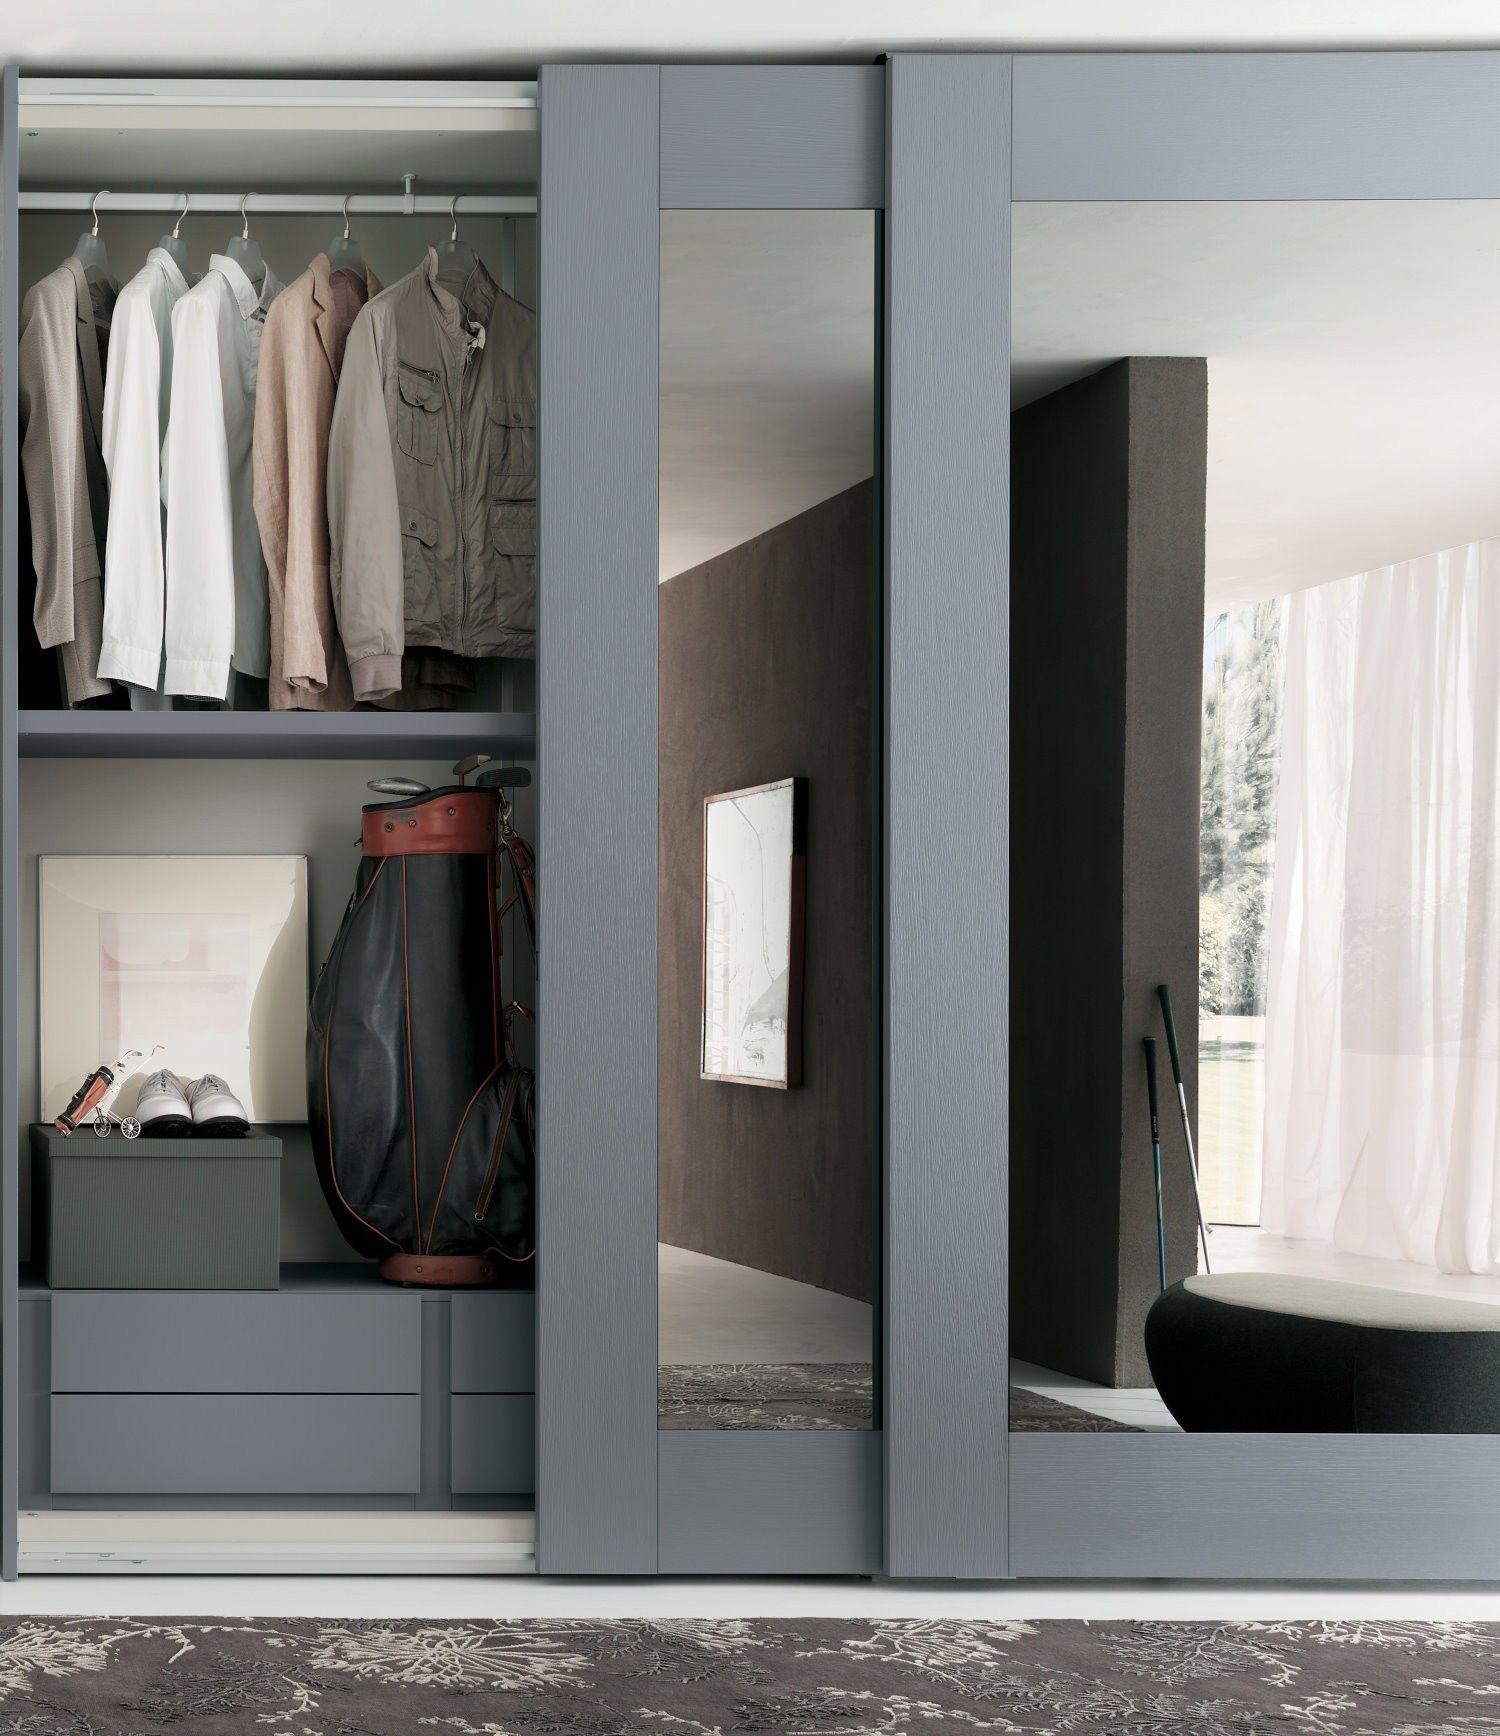 Mirror Player Armadio scorrevole, Design da armadio e